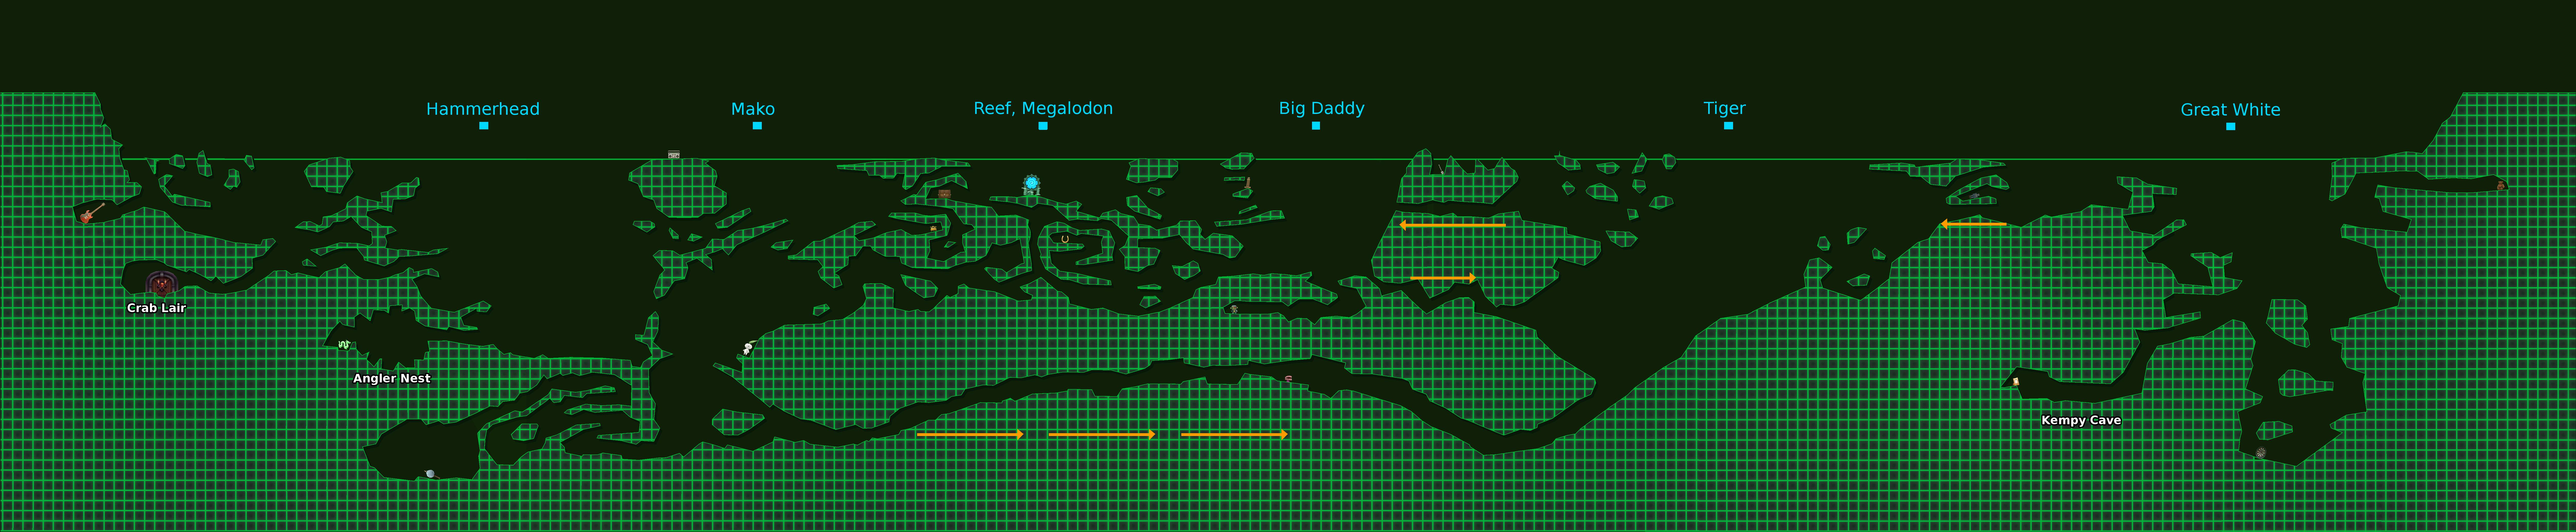 hungry shark evolution karte Basic Map | Hungry Shark Wiki | FANDOM powered by Wikia hungry shark evolution karte